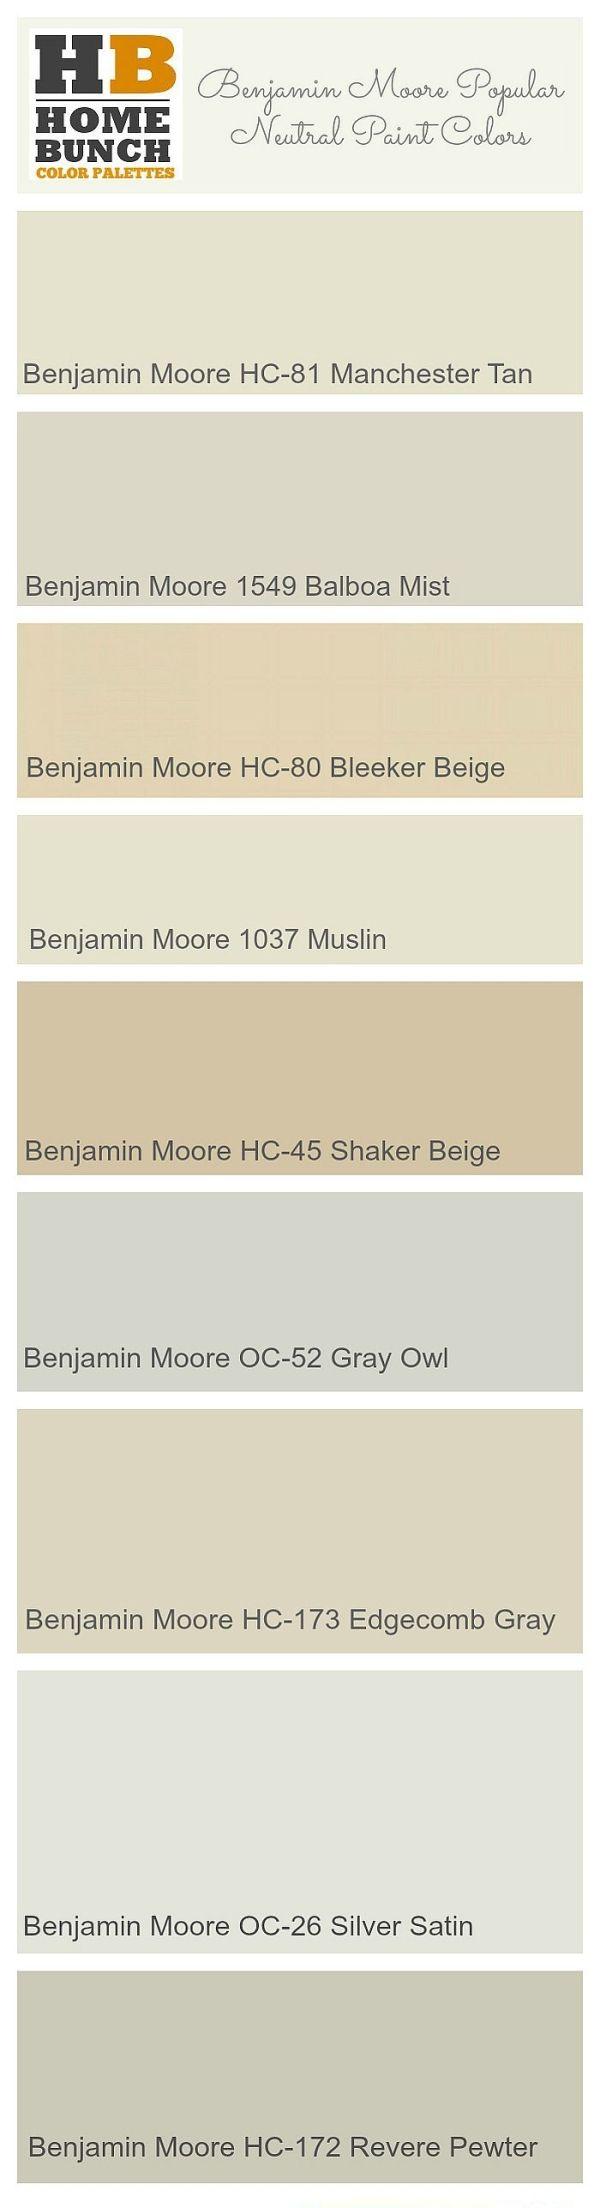 Best 25 benjamin moore exterior ideas on pinterest - Benjamin moore shaker gray exterior ...